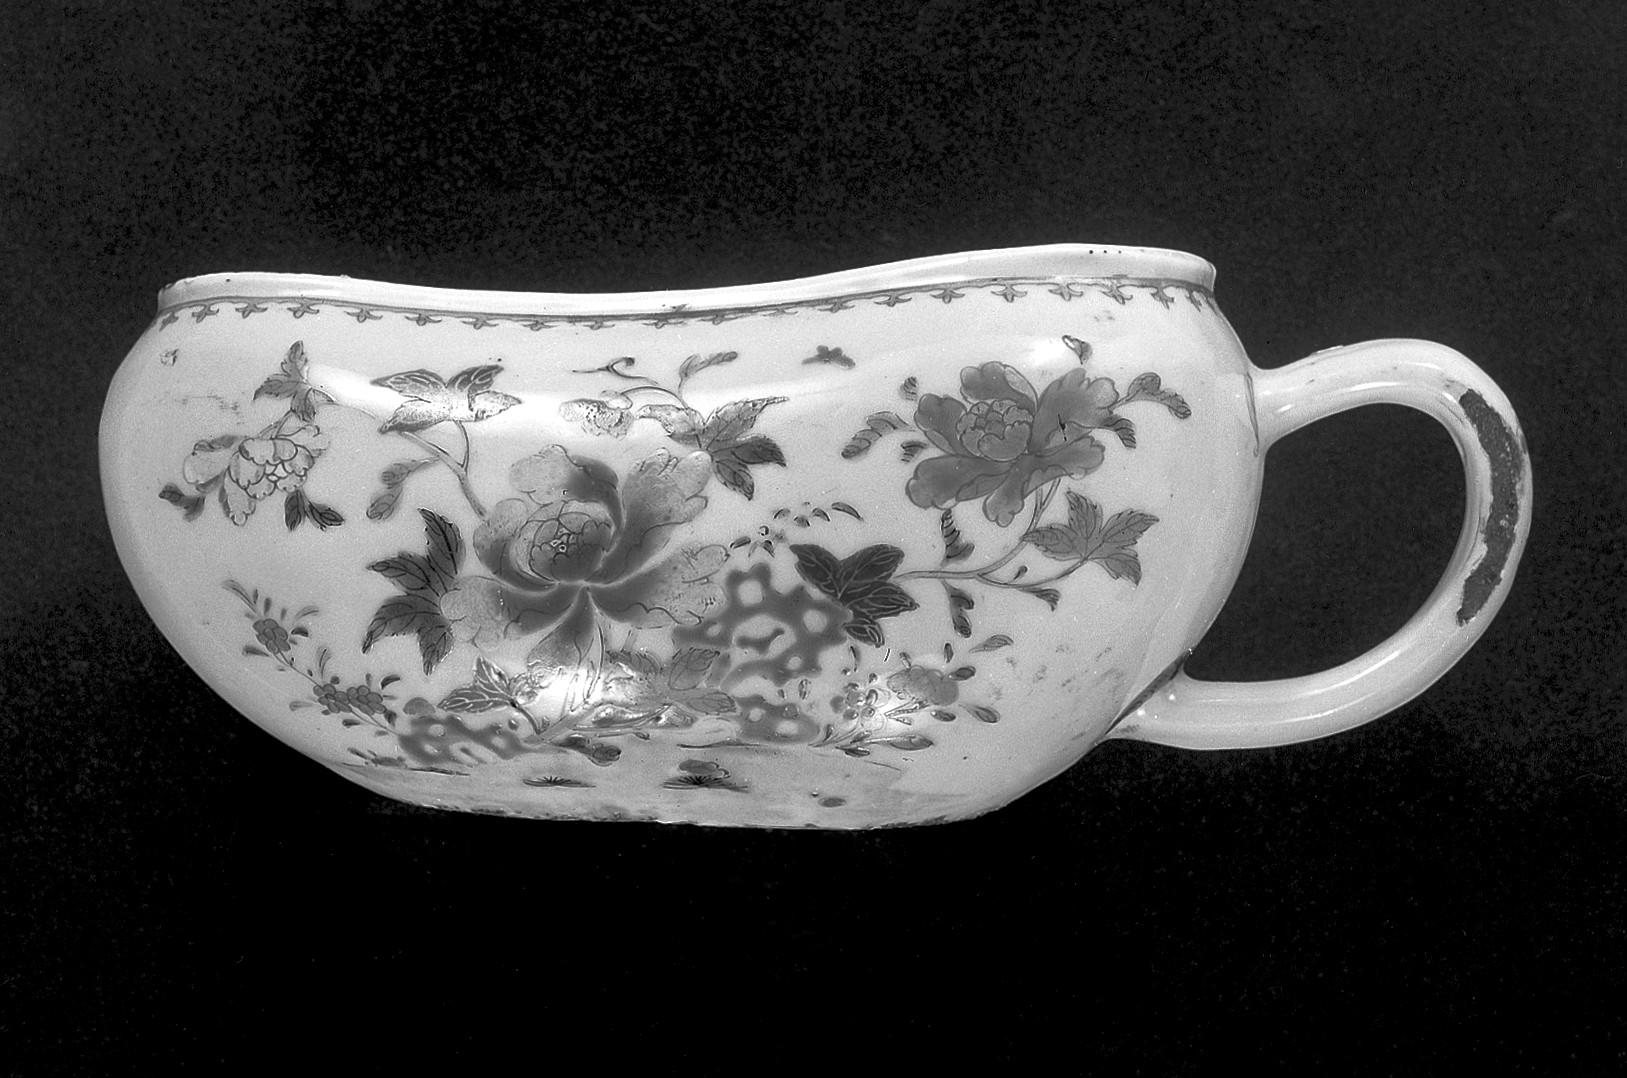 file registered as urinoir pottery famille rose floral design wellcome. Black Bedroom Furniture Sets. Home Design Ideas